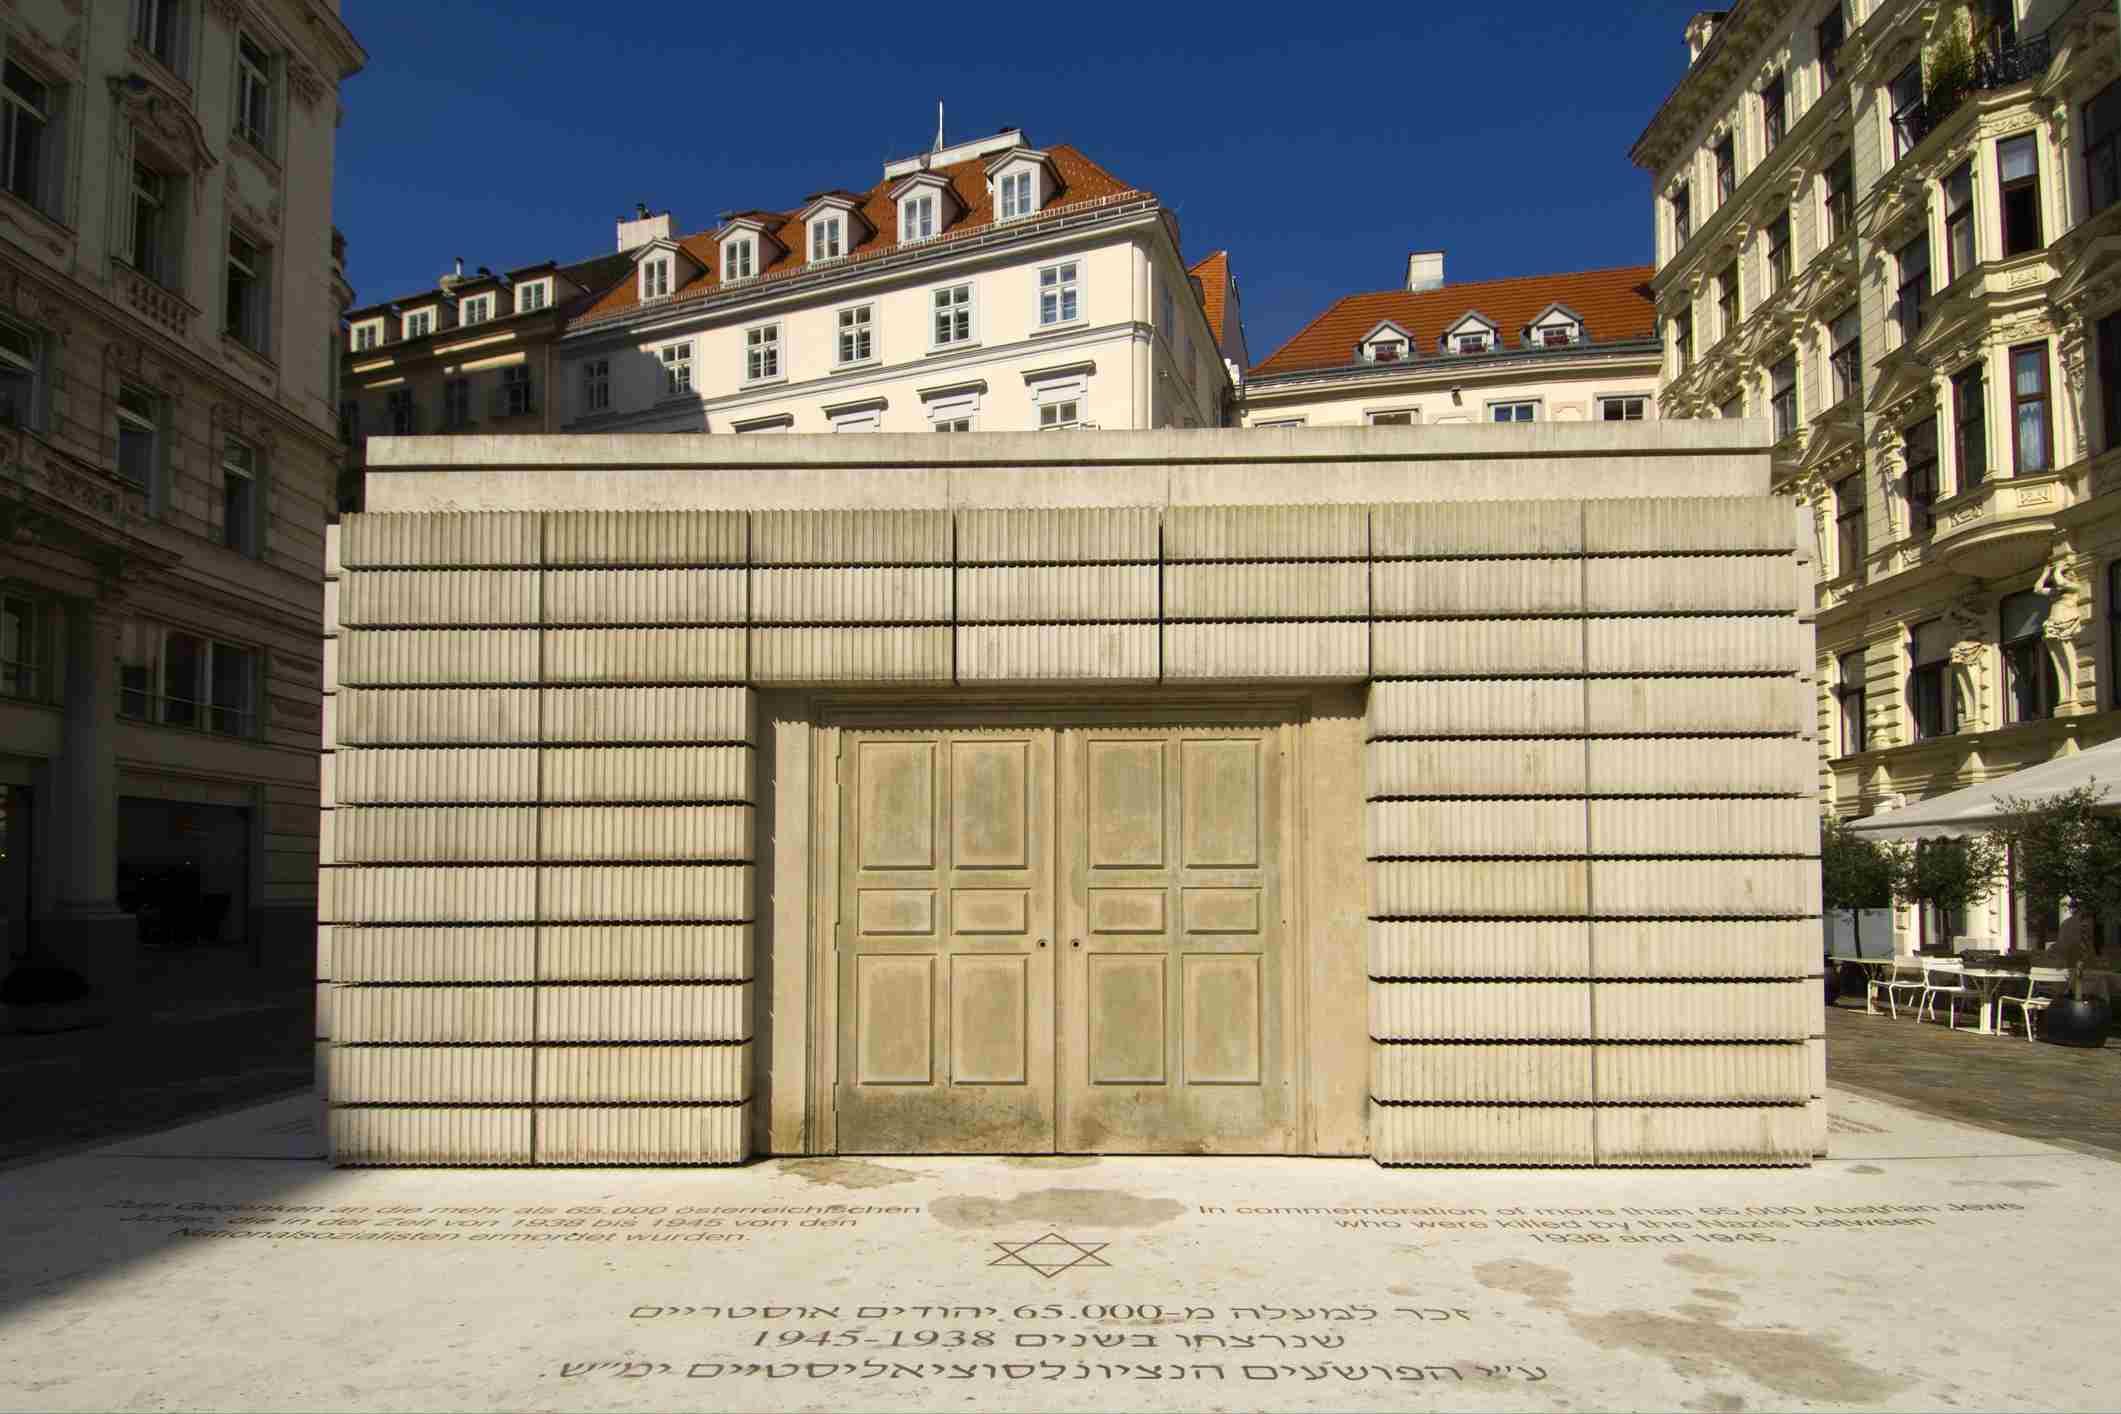 El Museo Judío de Viena, Austria